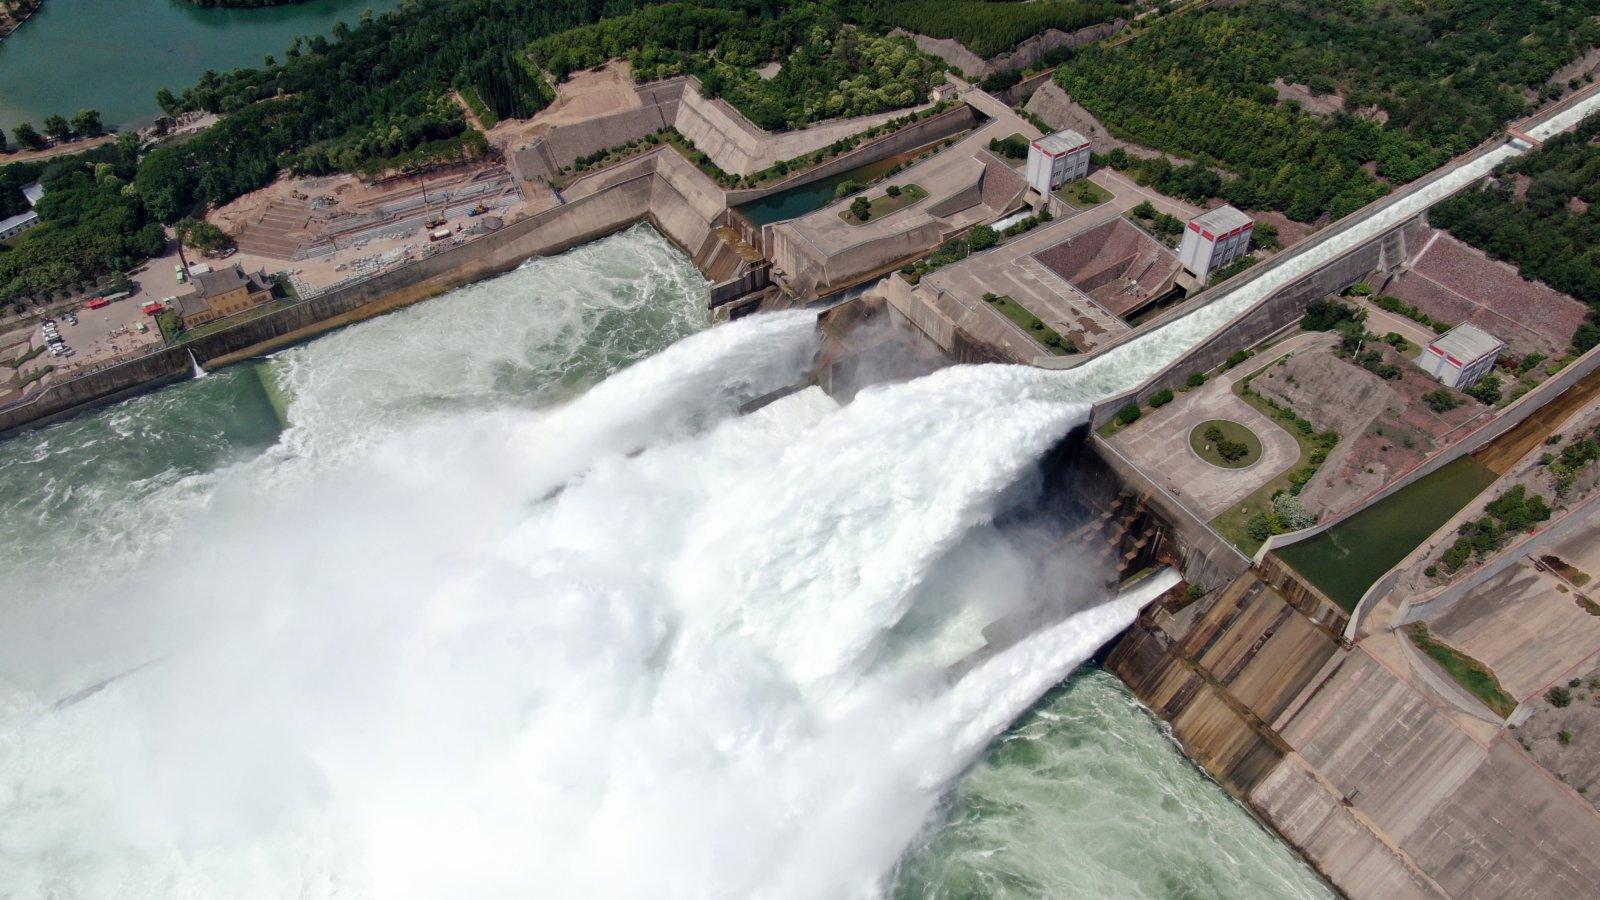 這是6月19日拍攝的黃河小浪底水利樞紐工程。(新華社)